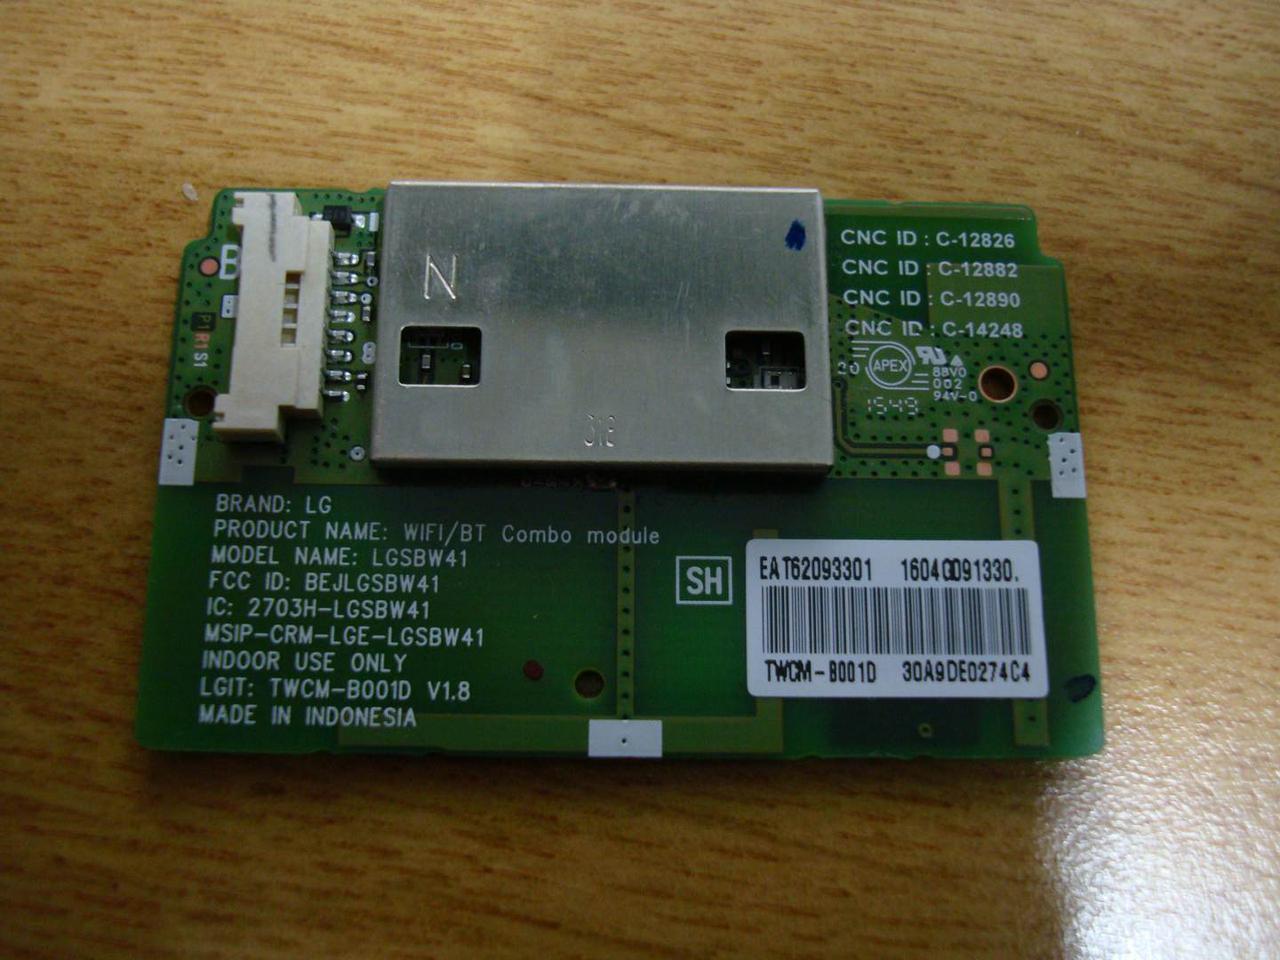 WiFi/BT Combo module LGSBW41 для телевизора LG